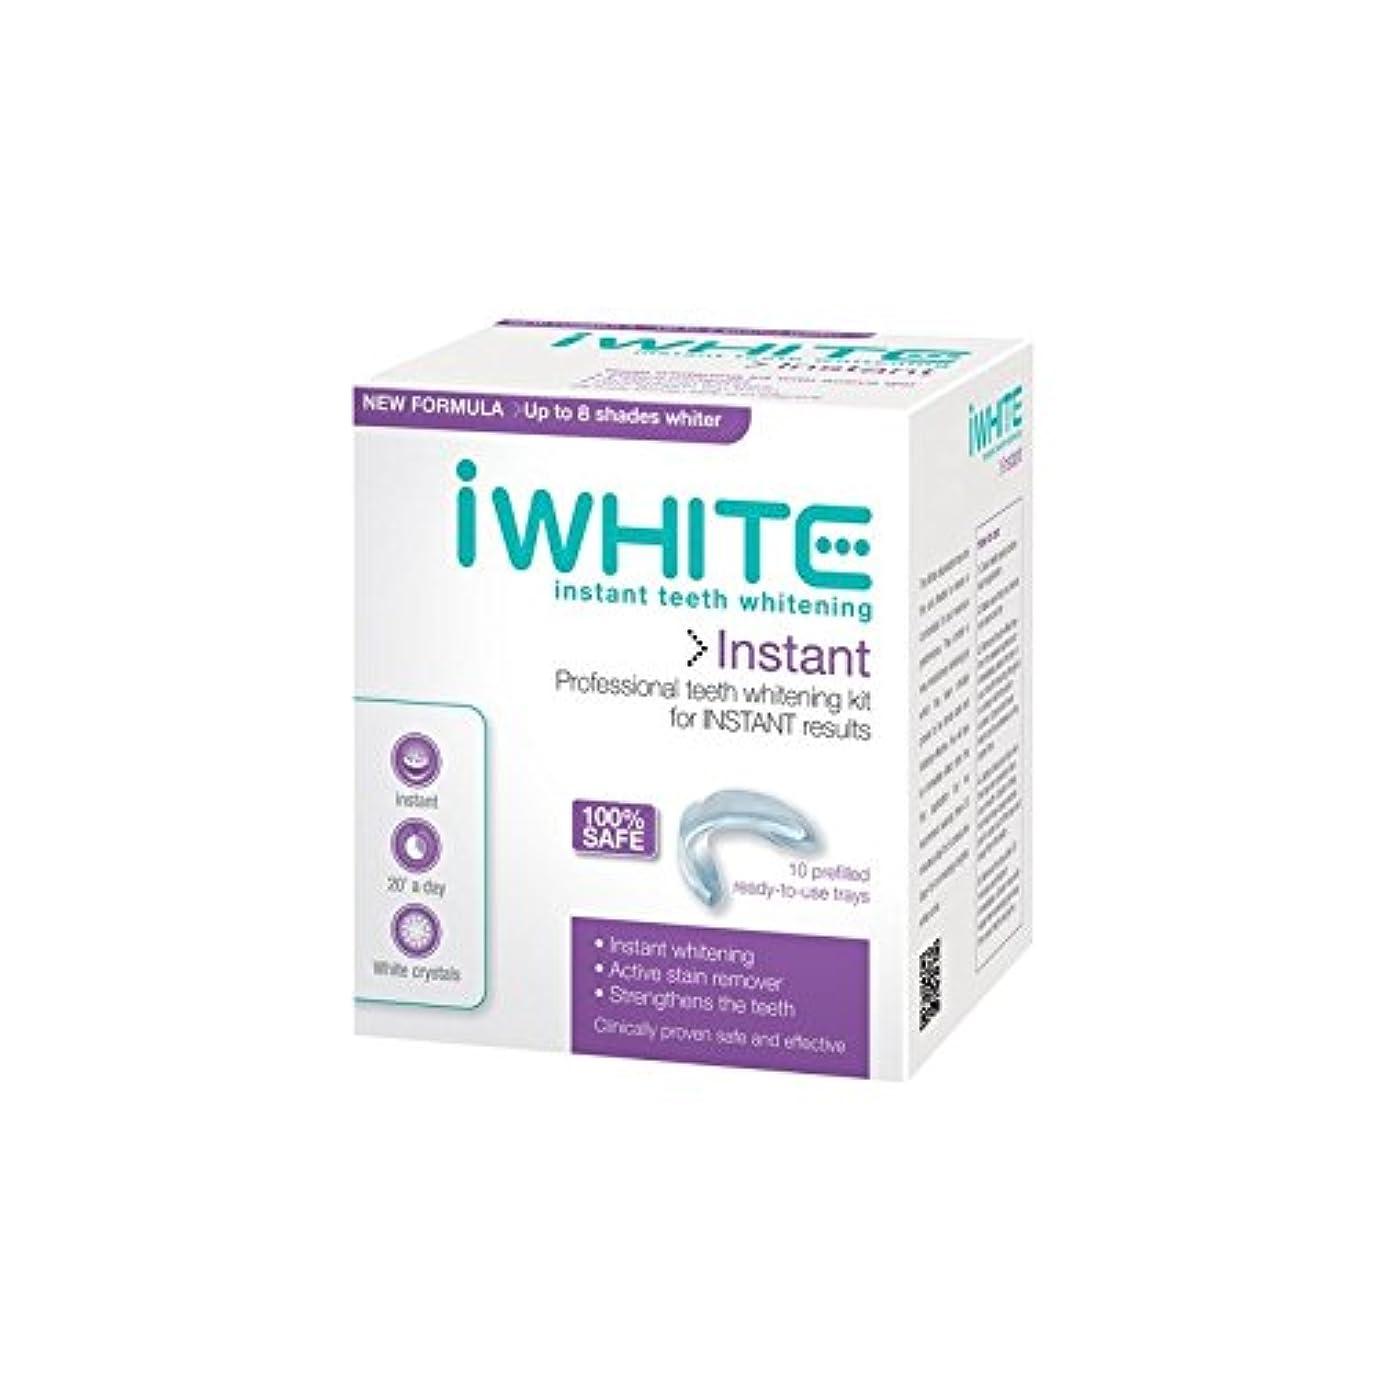 大使館聞きます岸キットを白くするインスタントプロの歯(10個のトレー) x4 - iWhite Instant Professional Teeth Whitening Kit (10 Trays) (Pack of 4) [並行輸入品]